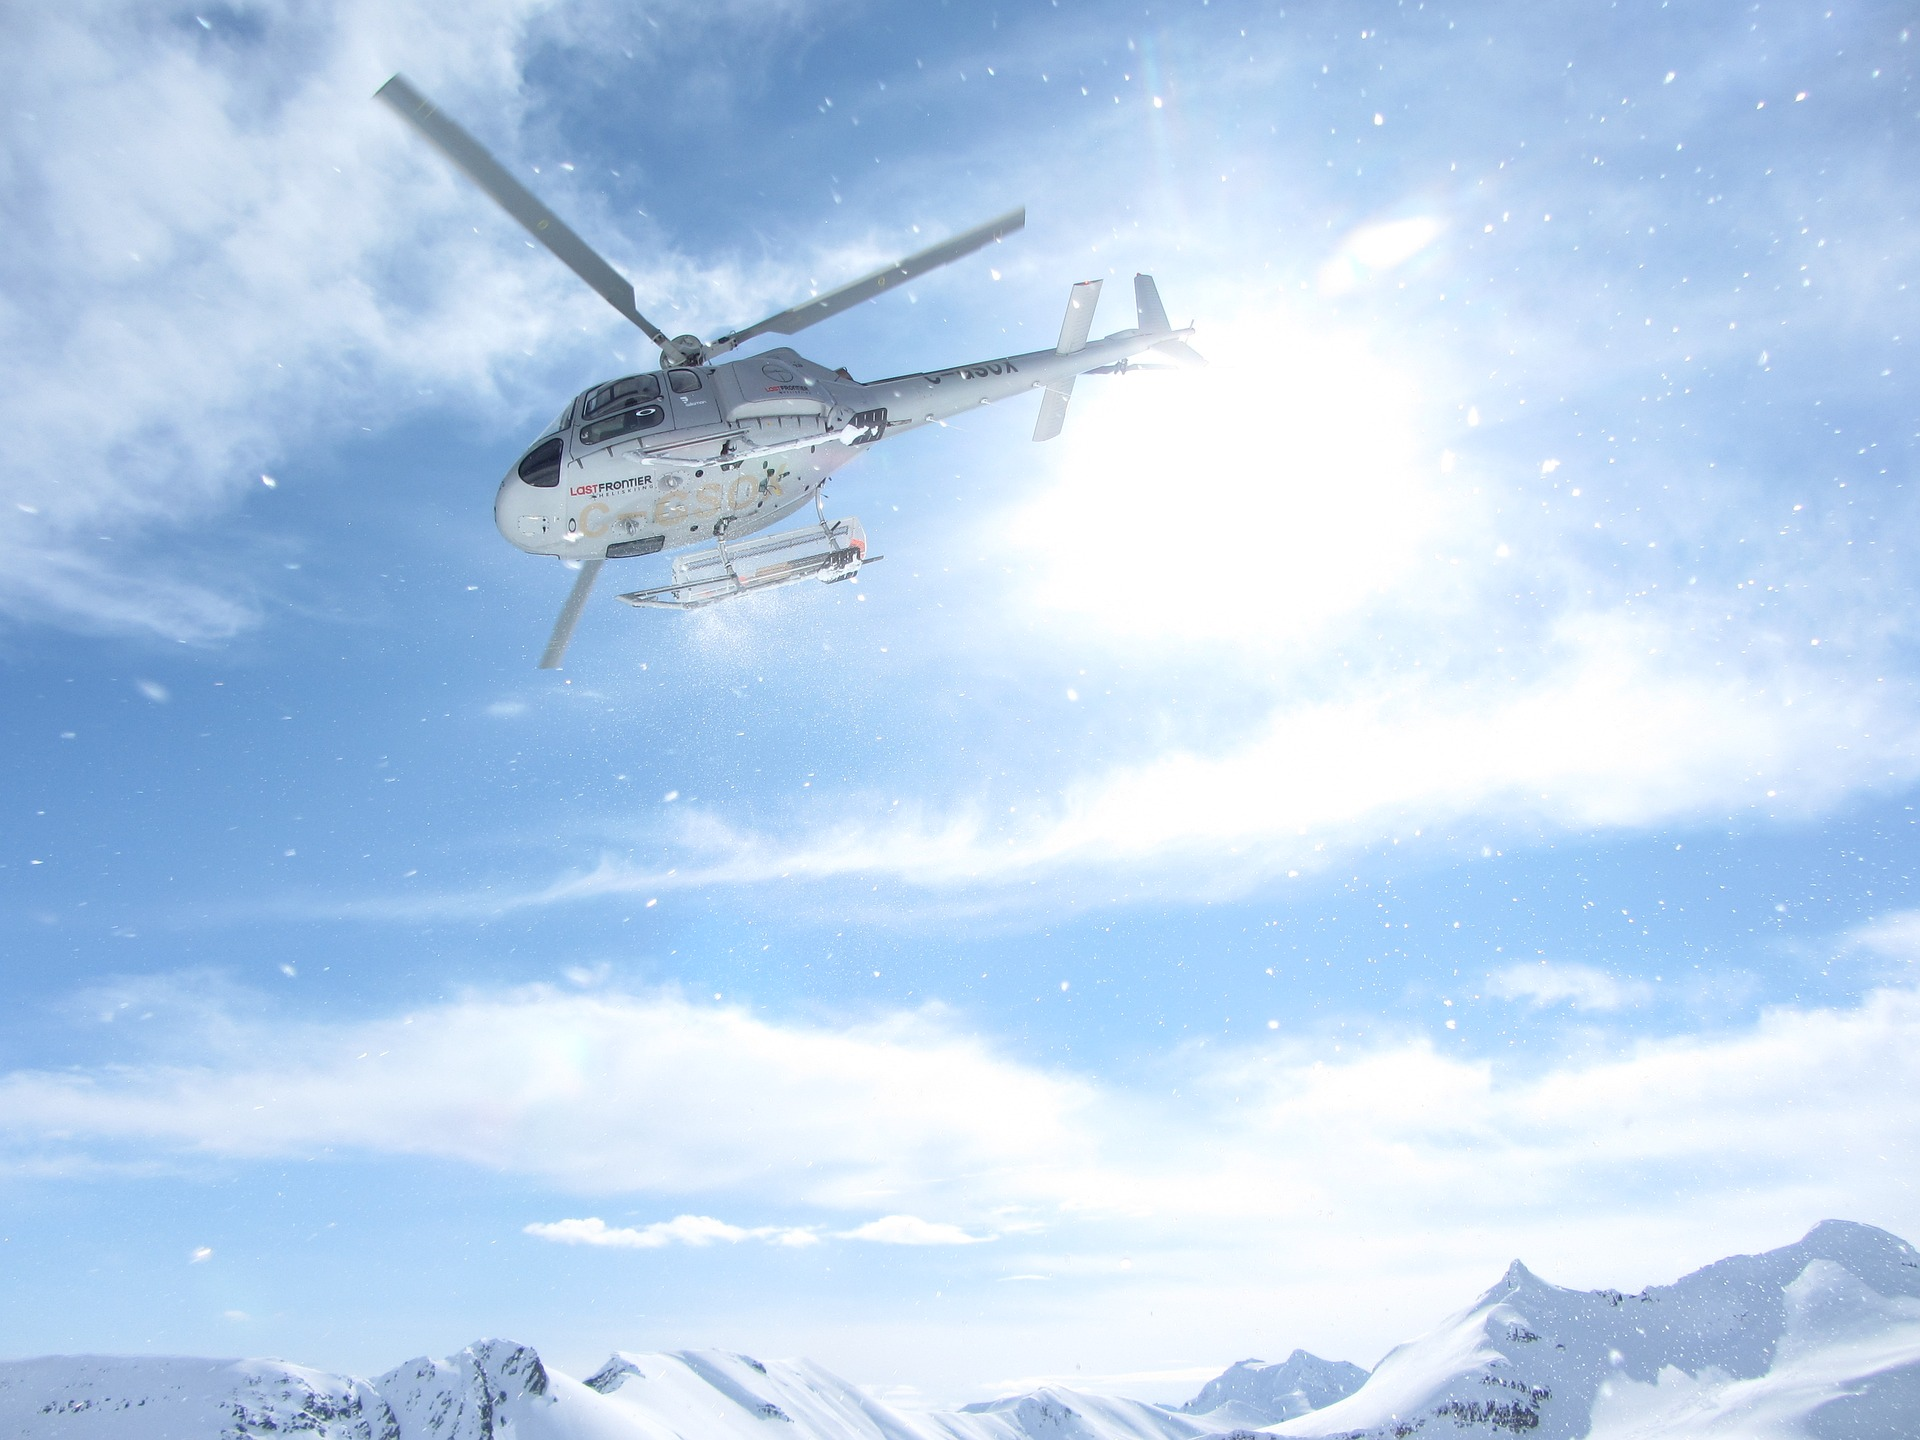 Seminaire Ski Chili